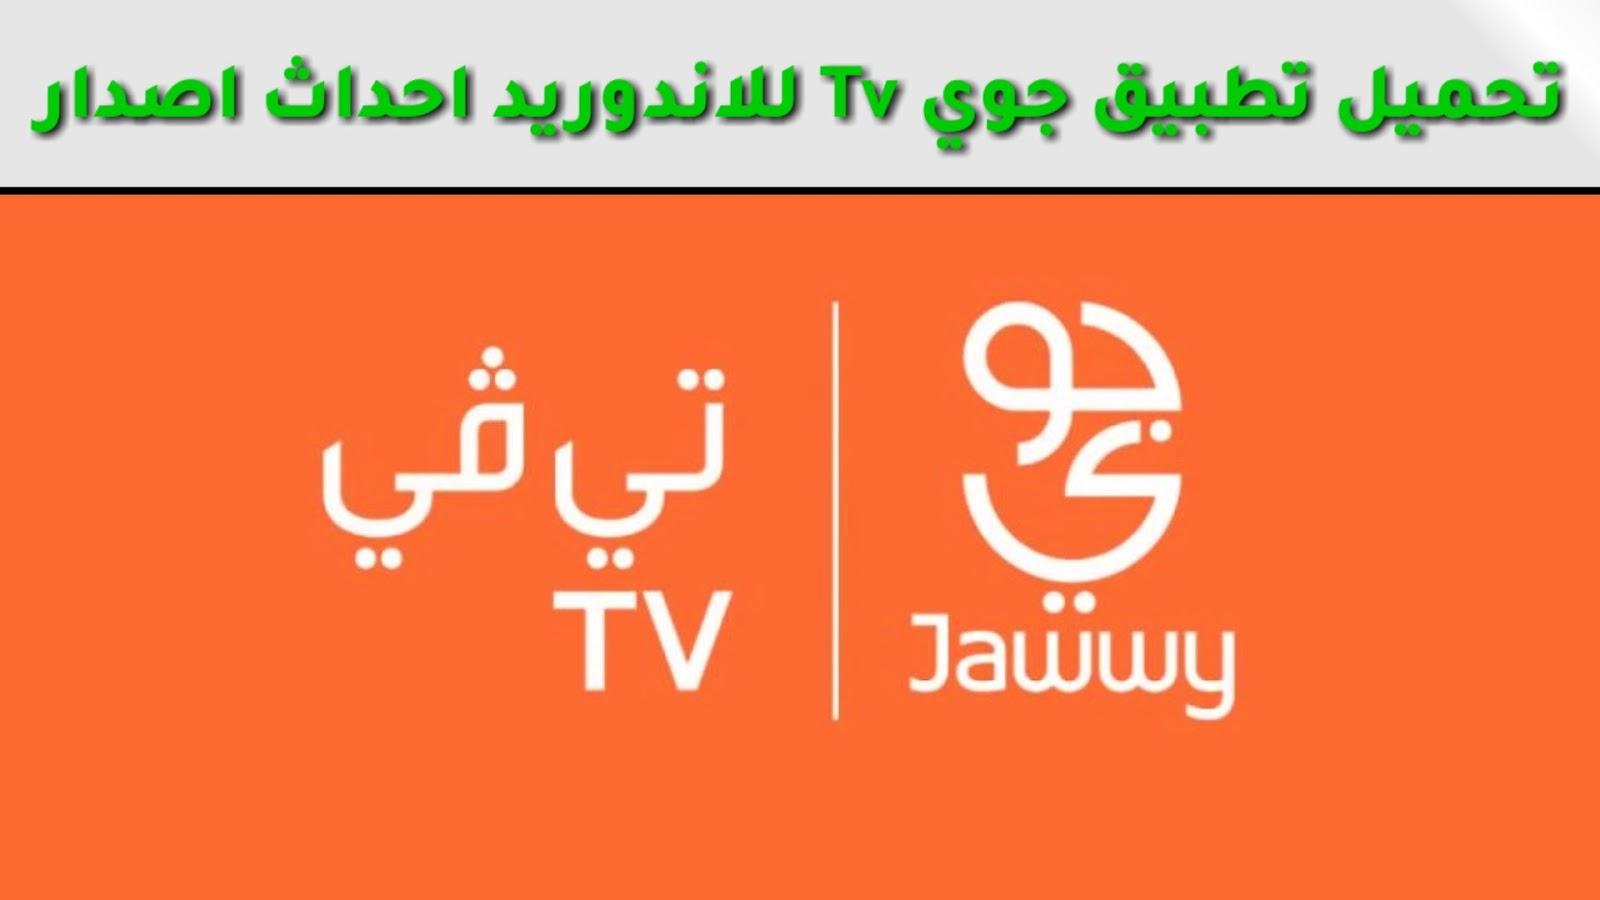 تحميل برنامج جوي تي في لمشاهدة الافلام والمسلسلات Jawwy Tv احداث اصدار للاندرويد 2019